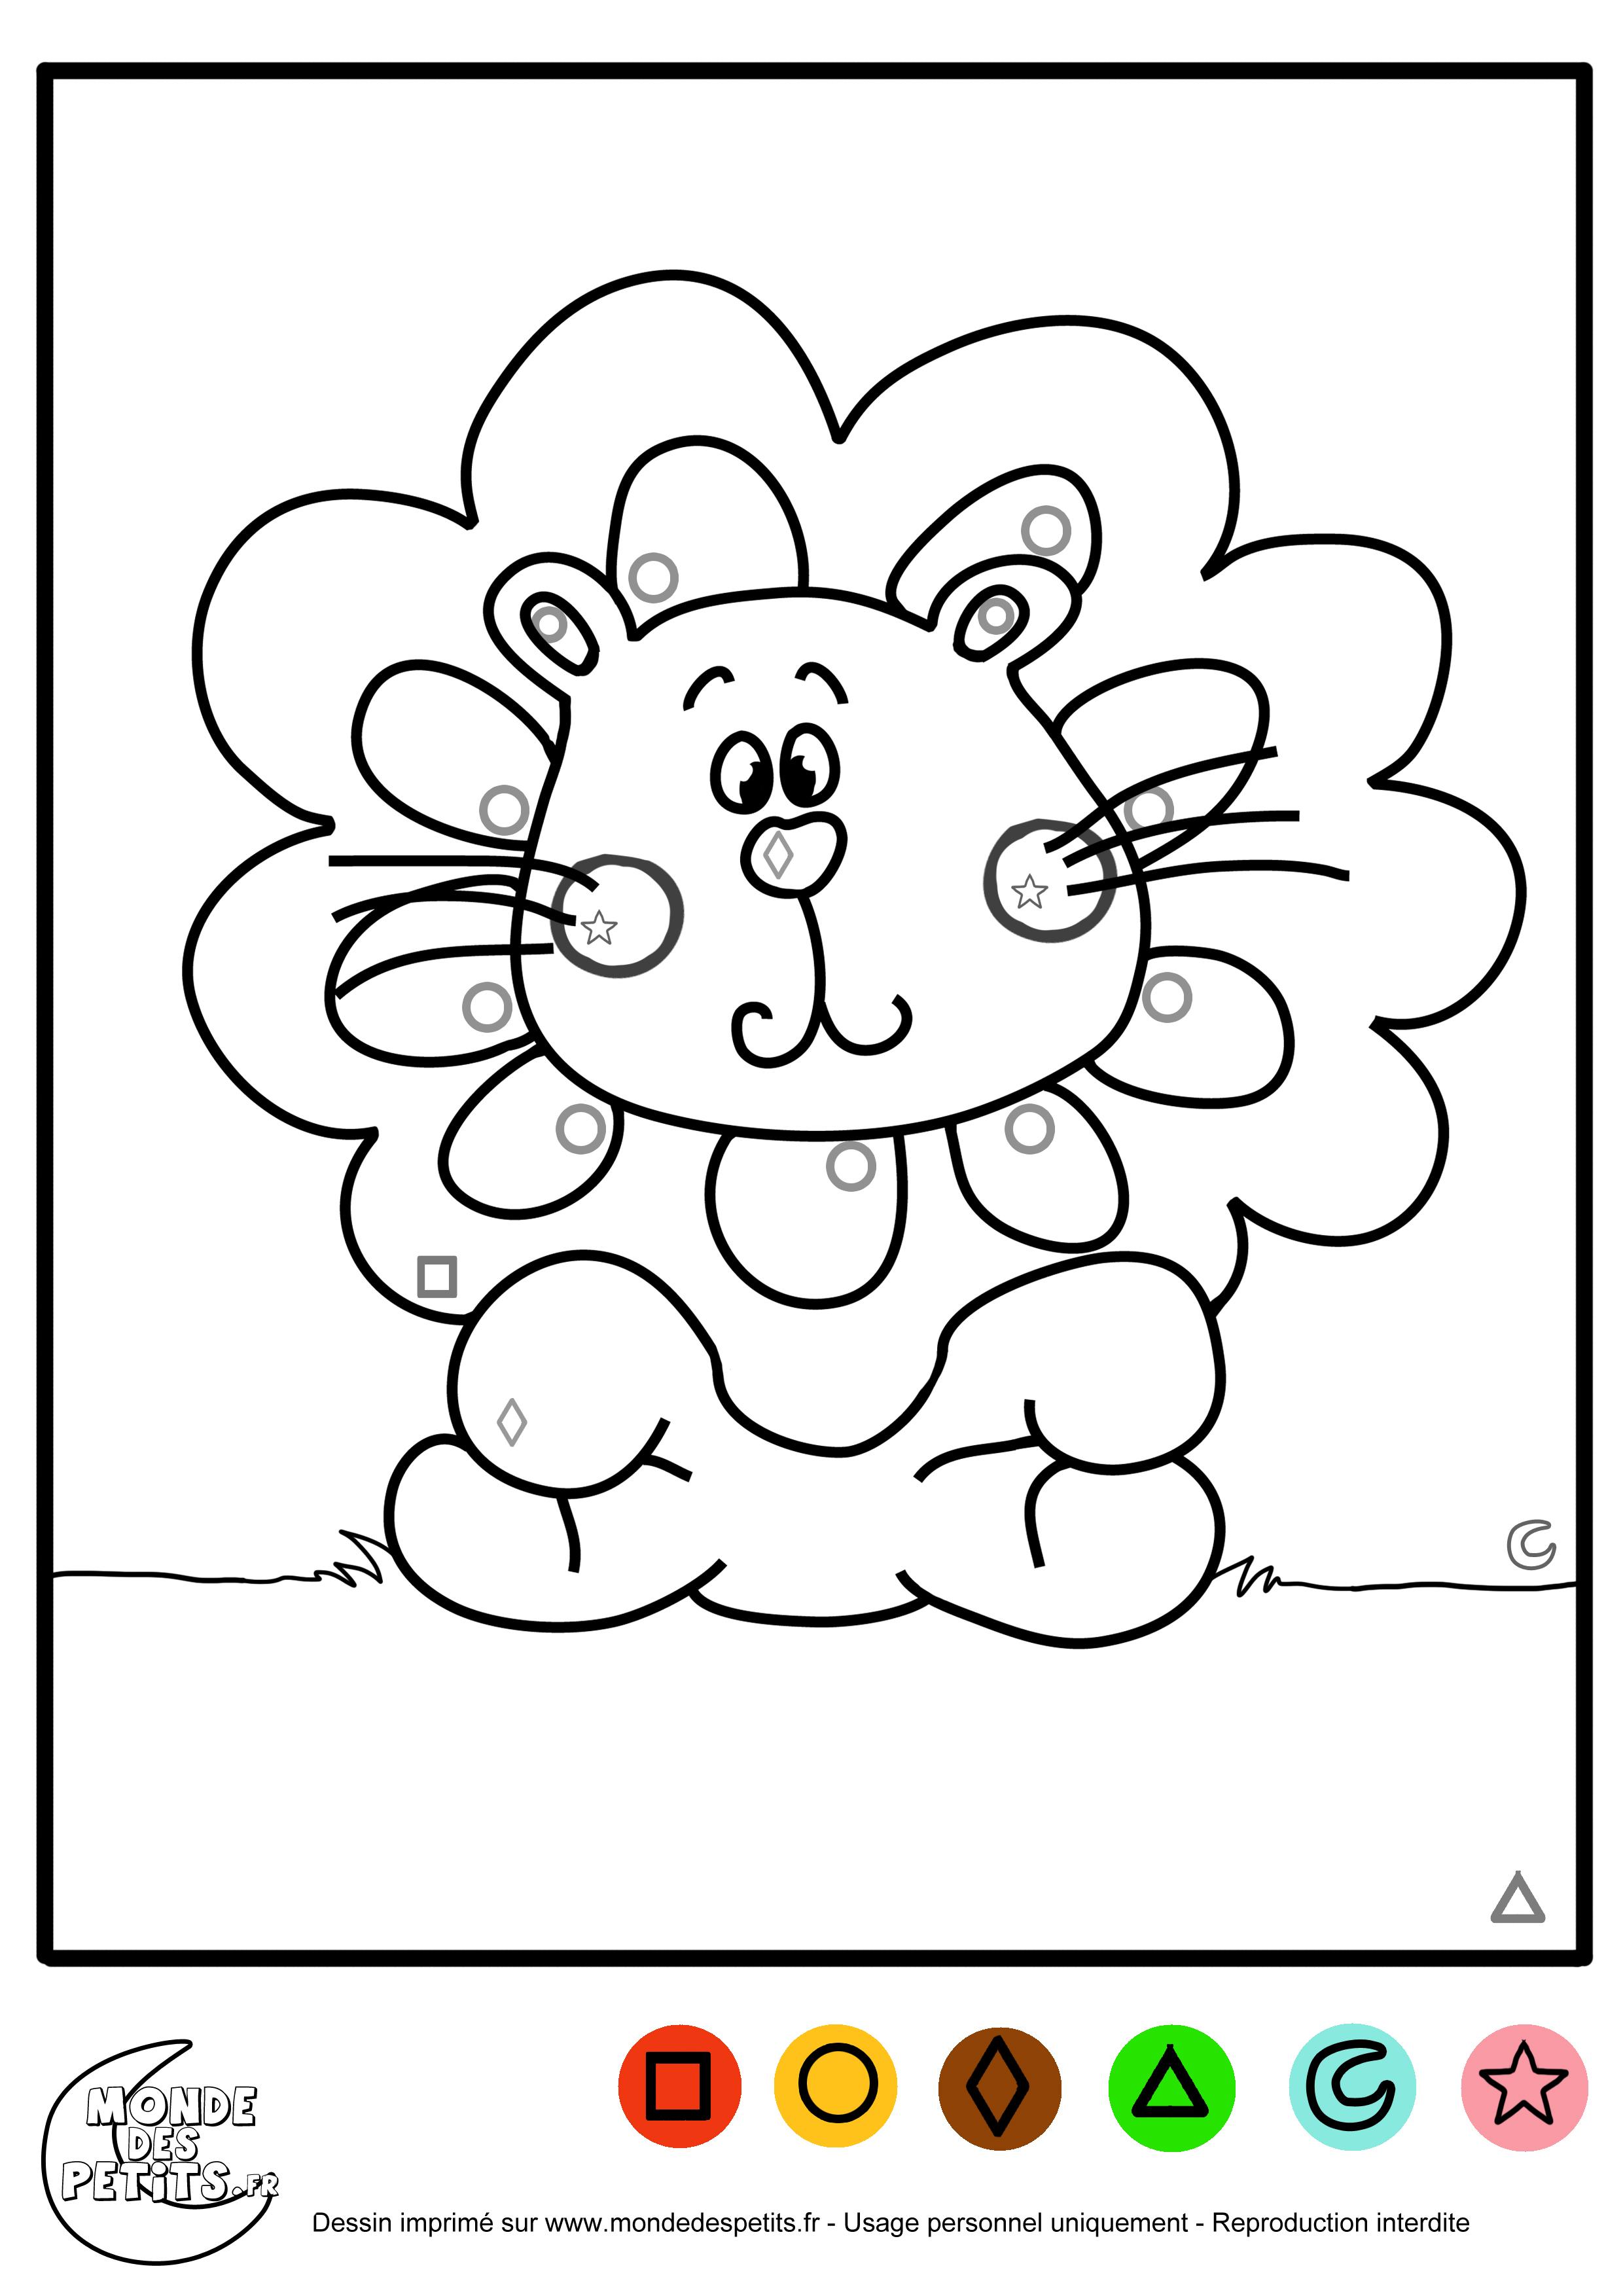 Monde des petits coloriages imprimer - Dessin pour les petit ...